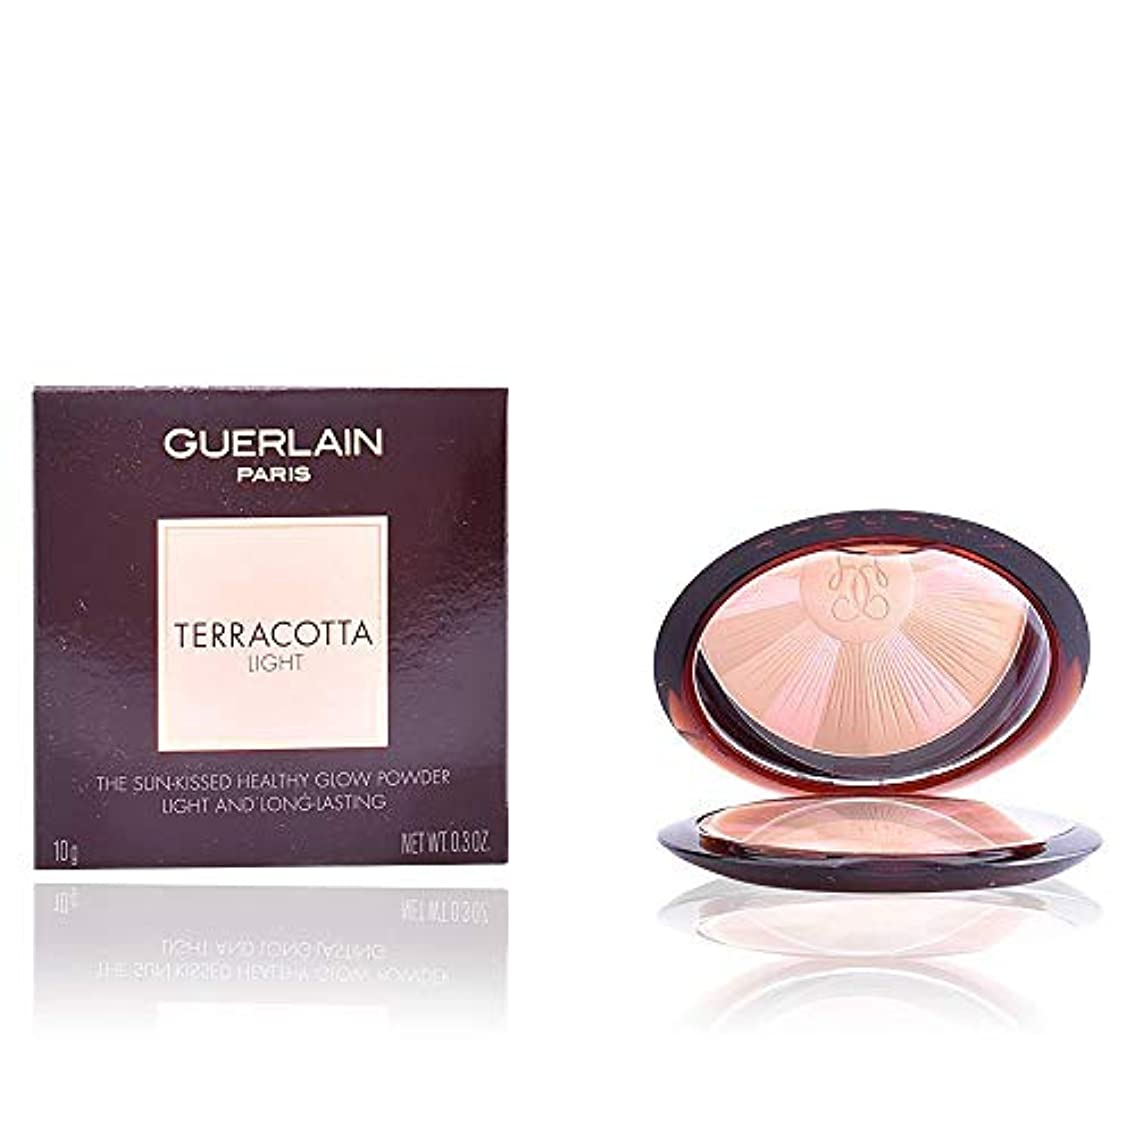 パワーセル準備した玉ゲラン Terracotta Light The Sun Kissed Healthy Glow Powder - # 03 Natural Warm 10g/0.3oz並行輸入品